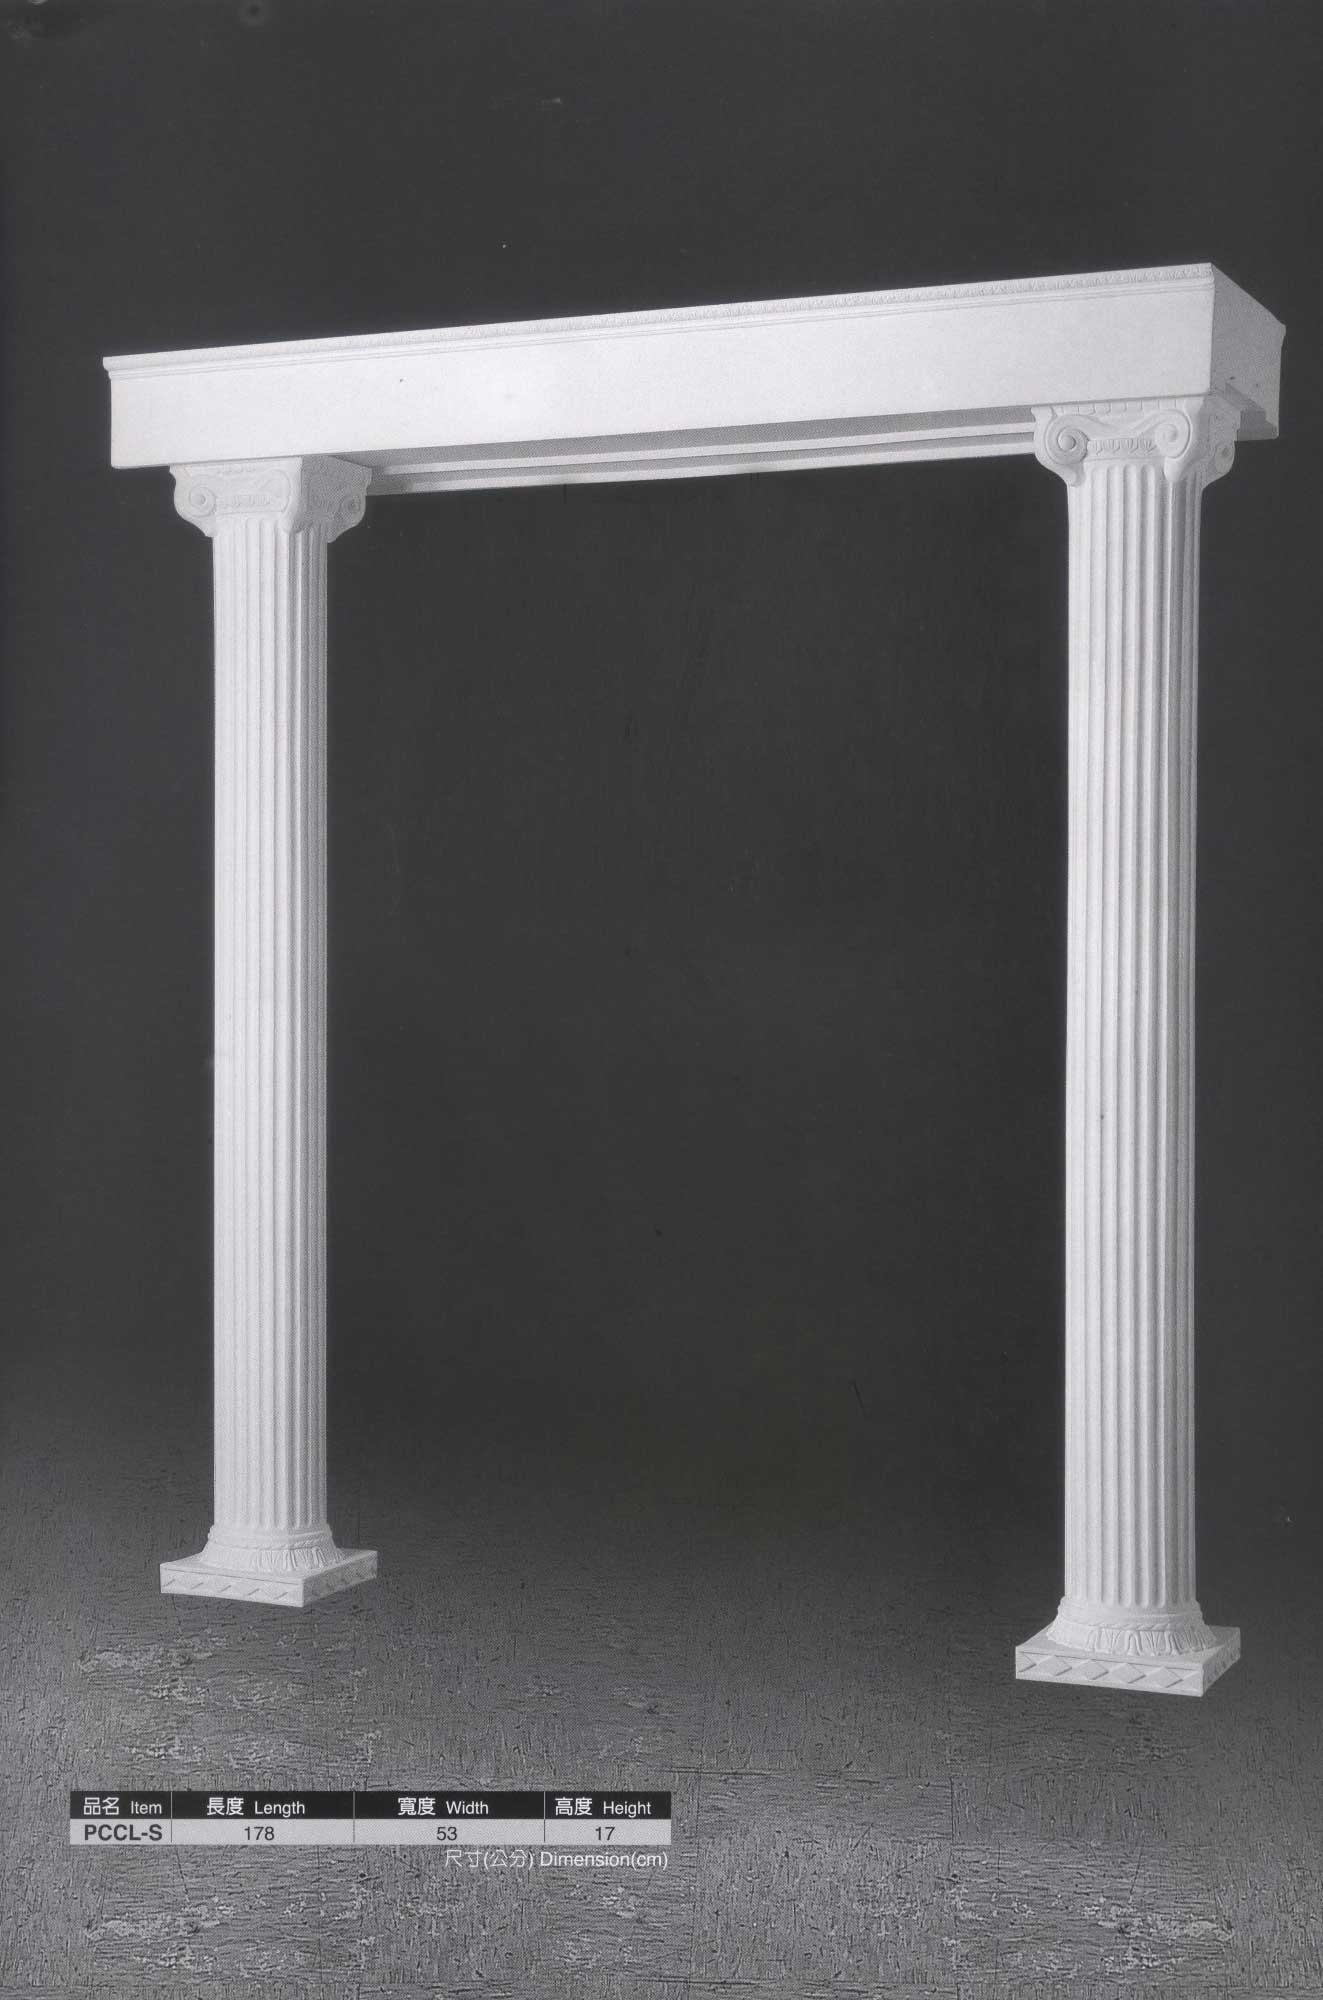 罗马门柱 塑仿大理石门柱 白色 大理石门柱 塑胶门柱 欧式门柱 直拱门